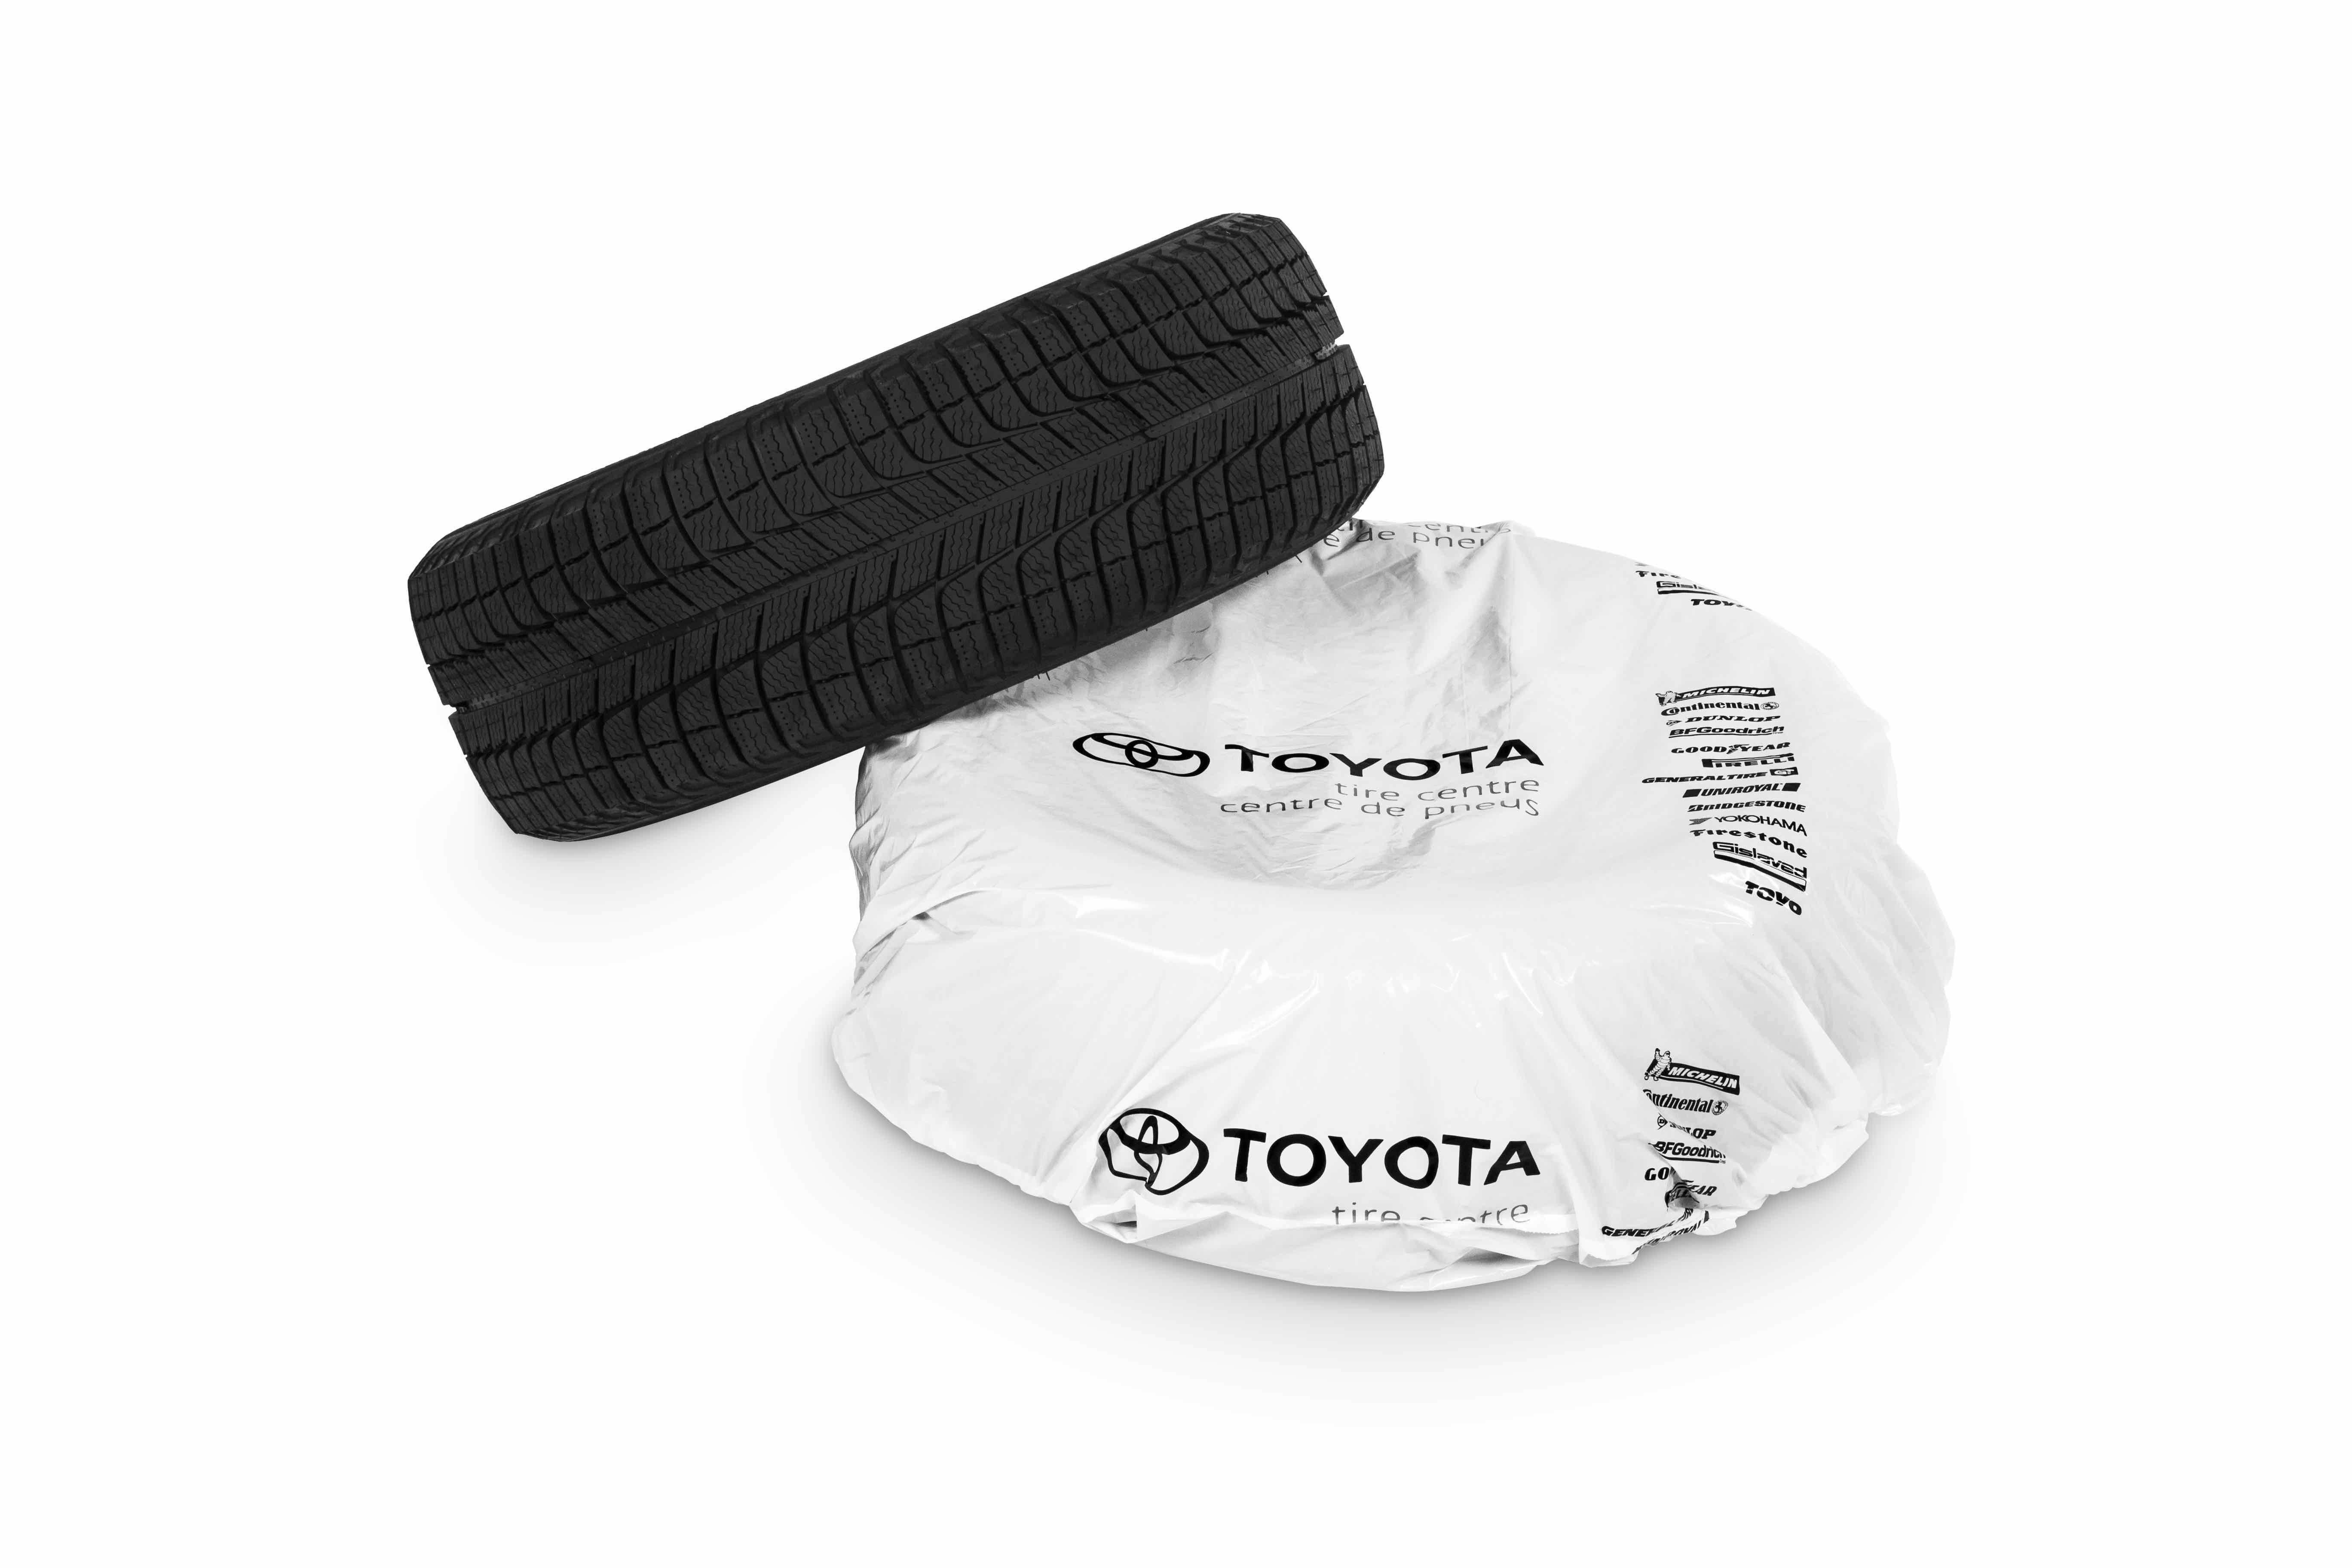 Genuine Toyota Tires in Packaging